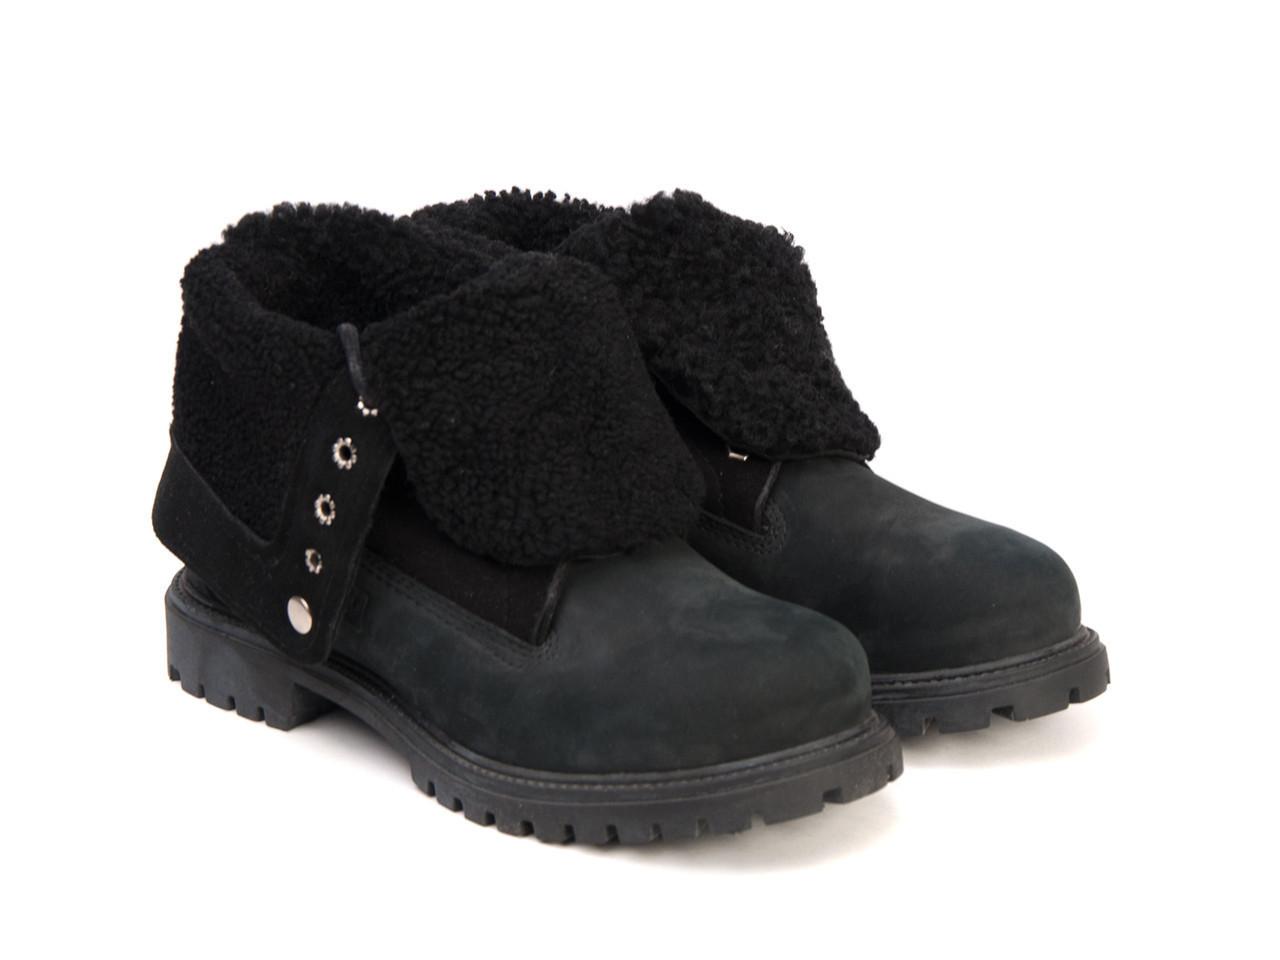 Ботинки Etor 10315-2298-1011 44 черные